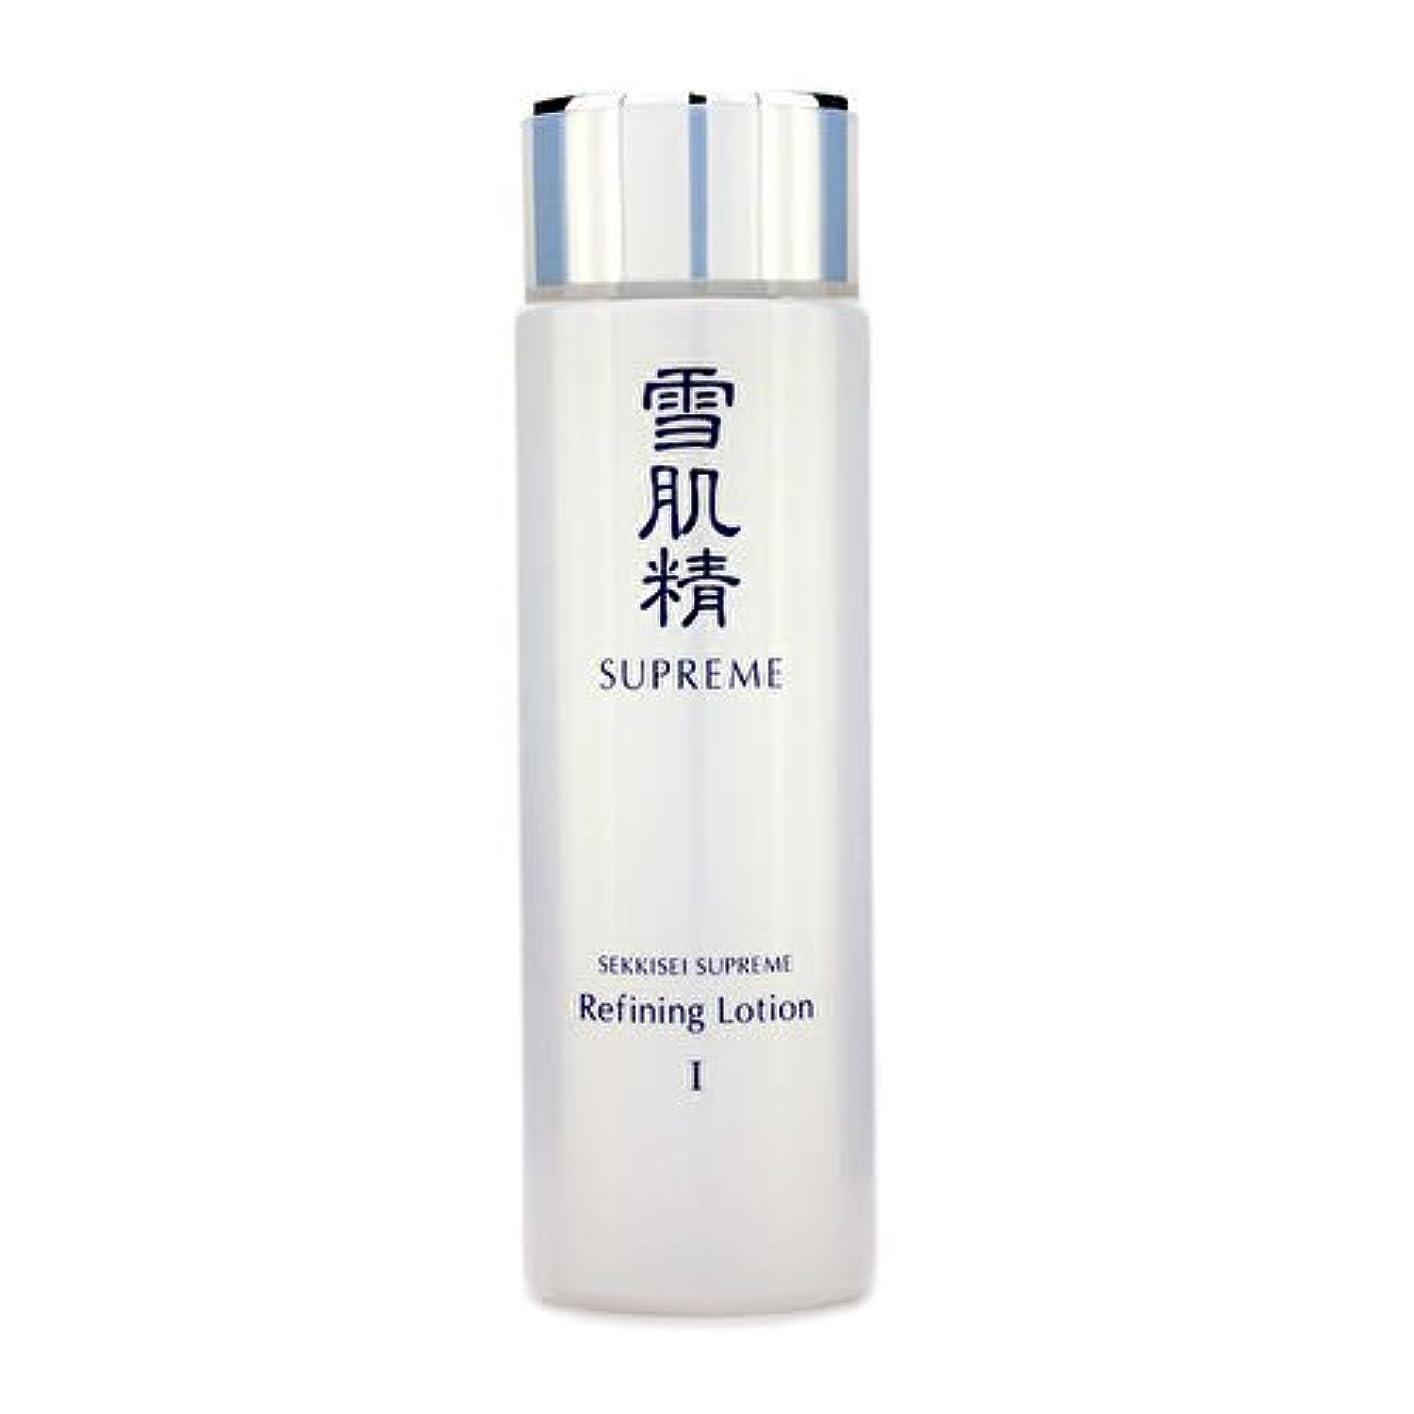 情熱的内訳葉を拾う雪肌精 シュープレム 化粧水 I 230ml